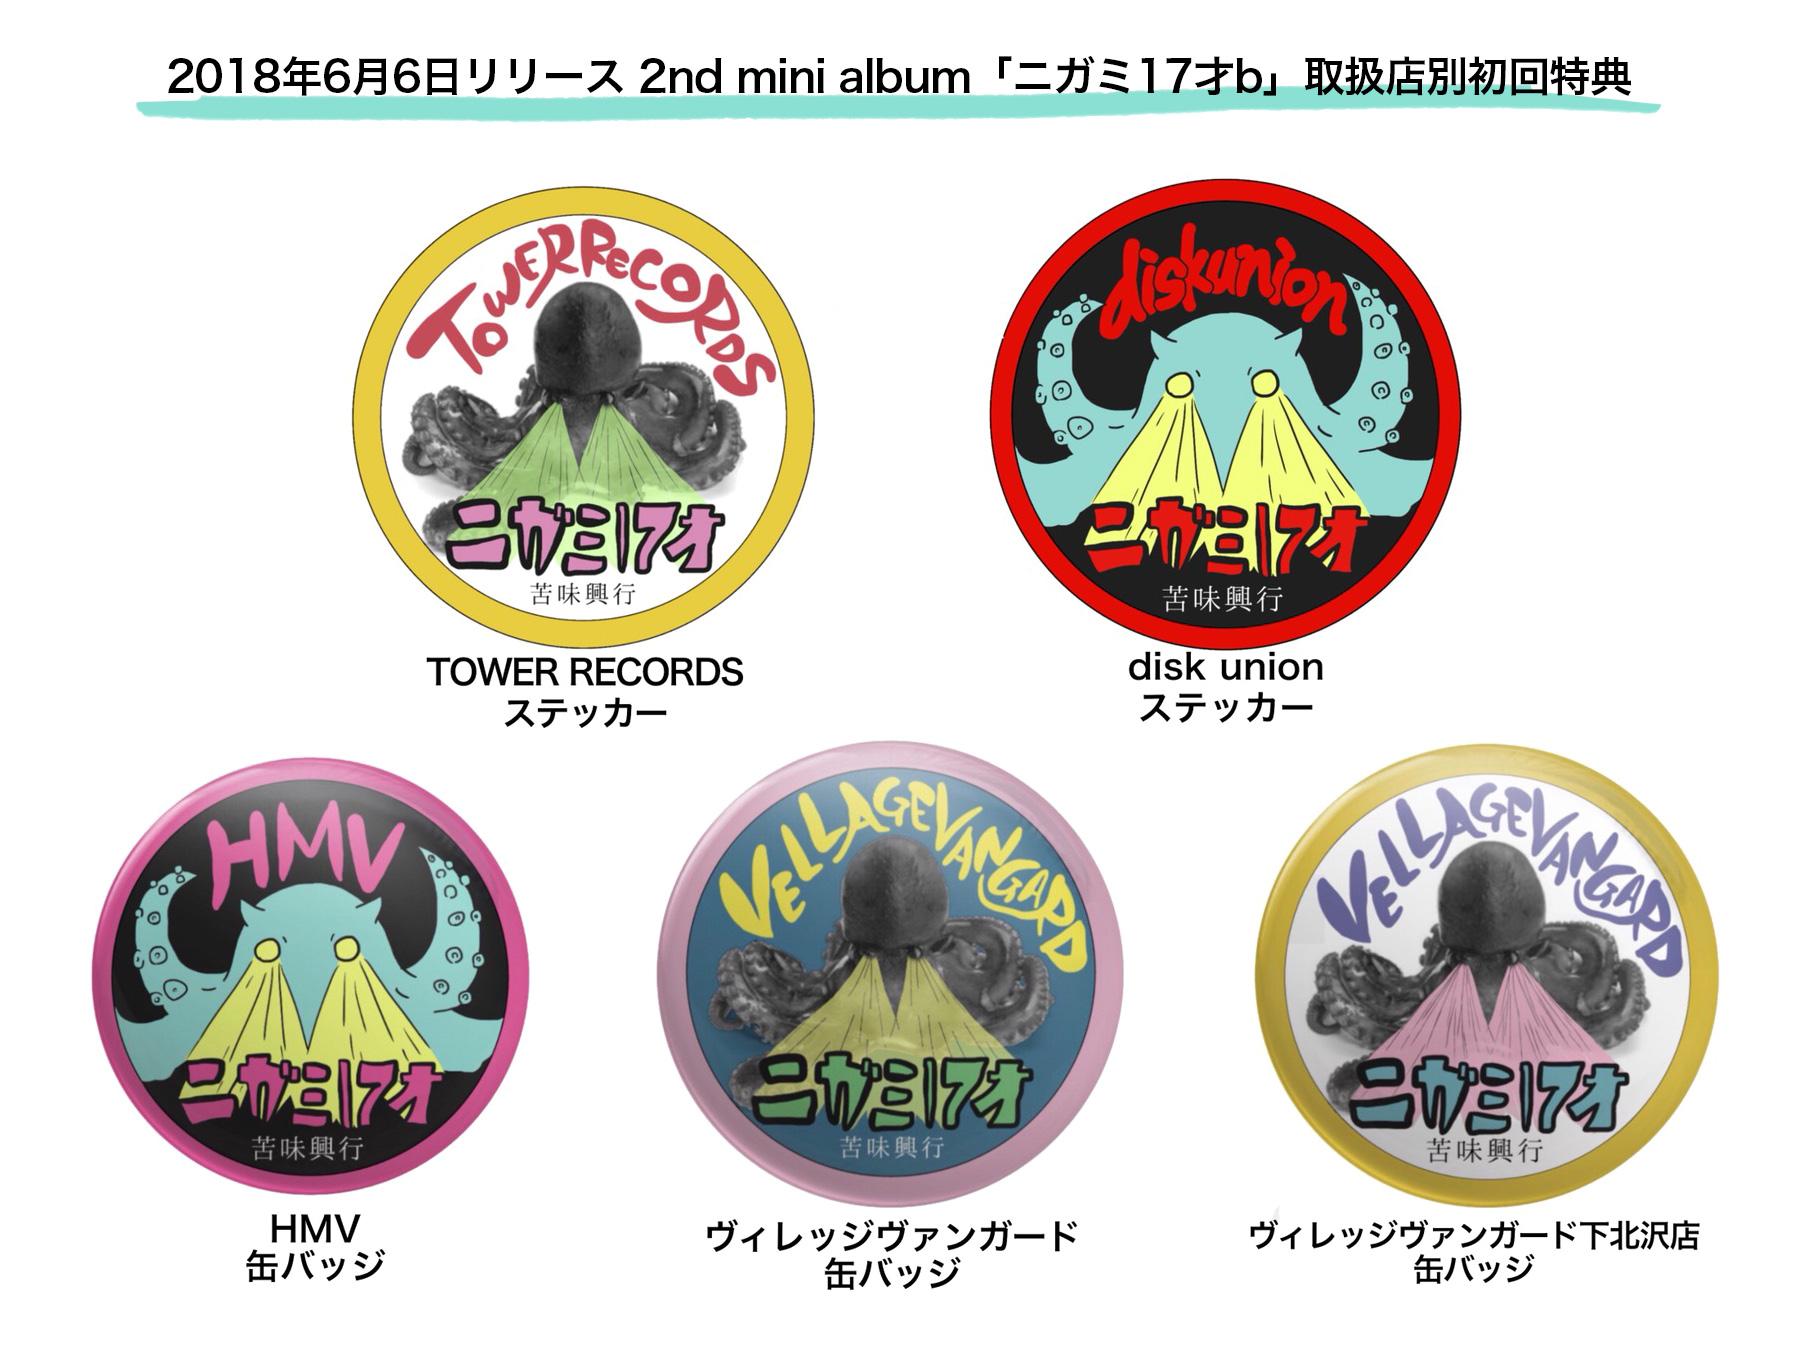 2018年6月6日リリース 2nd mini album「ニガミ17才b」取扱店別初回特典